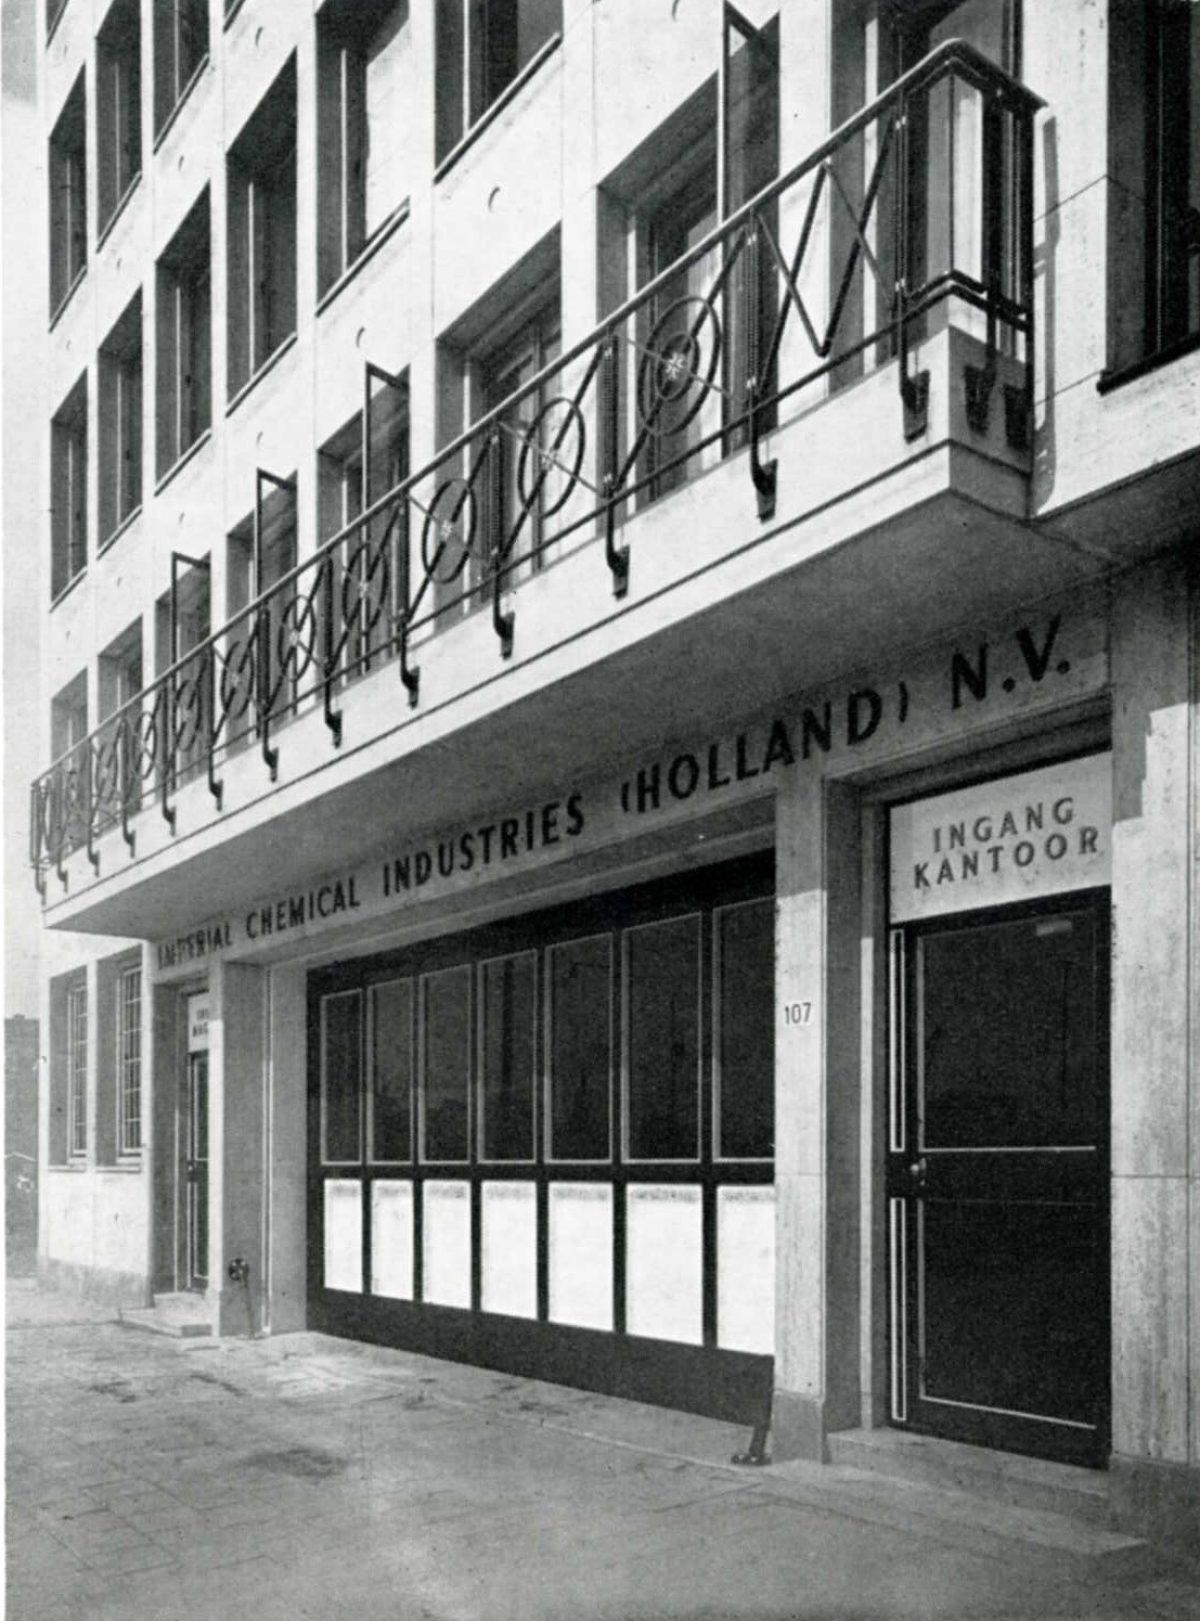 1952 ICI BW 1952 2